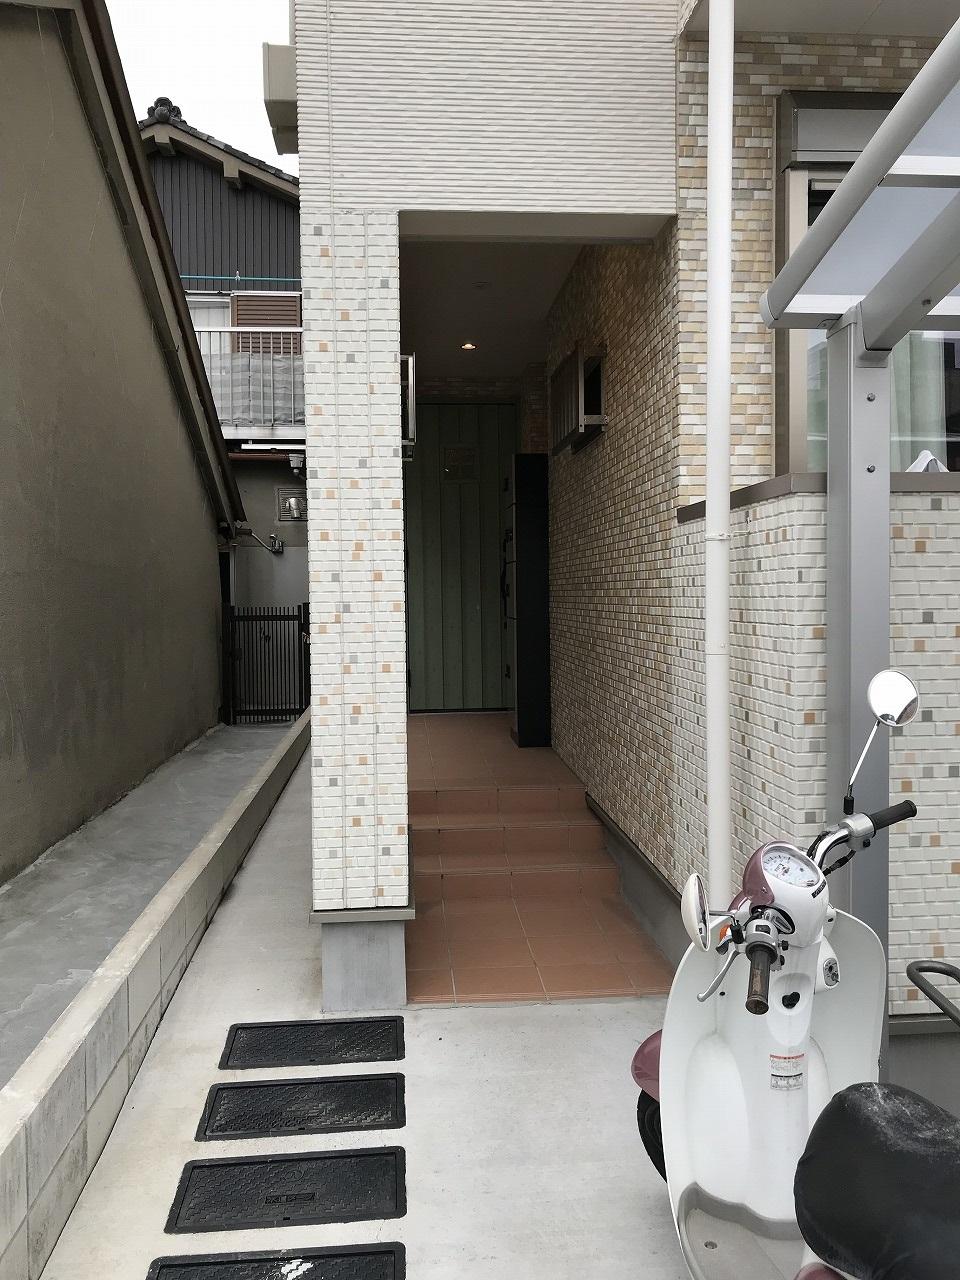 タイル調の外壁材やテラコッタタイルがお洒落なアプローチ☆